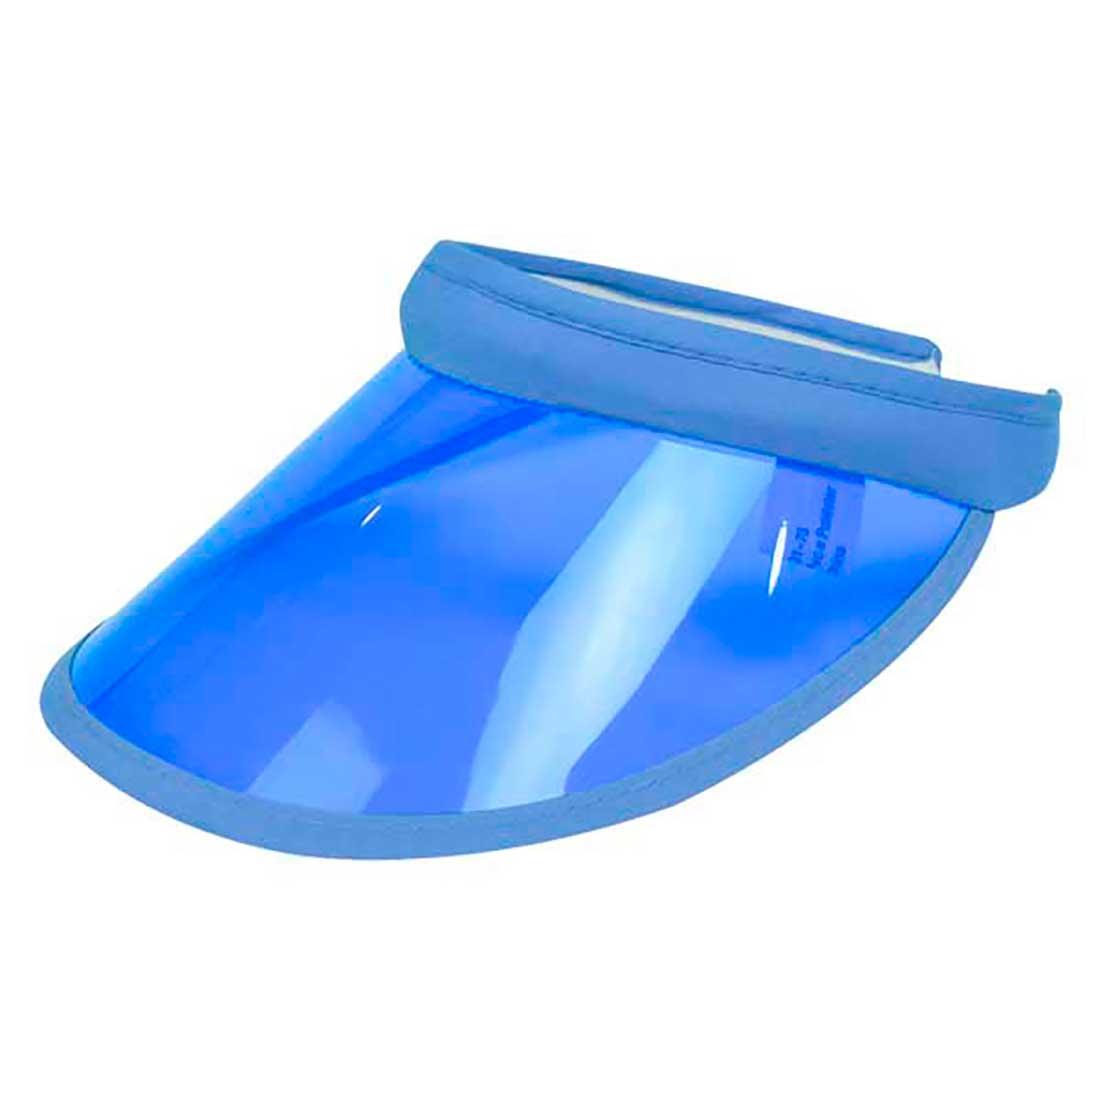 Viseira em Acetato Translúcido - Azul